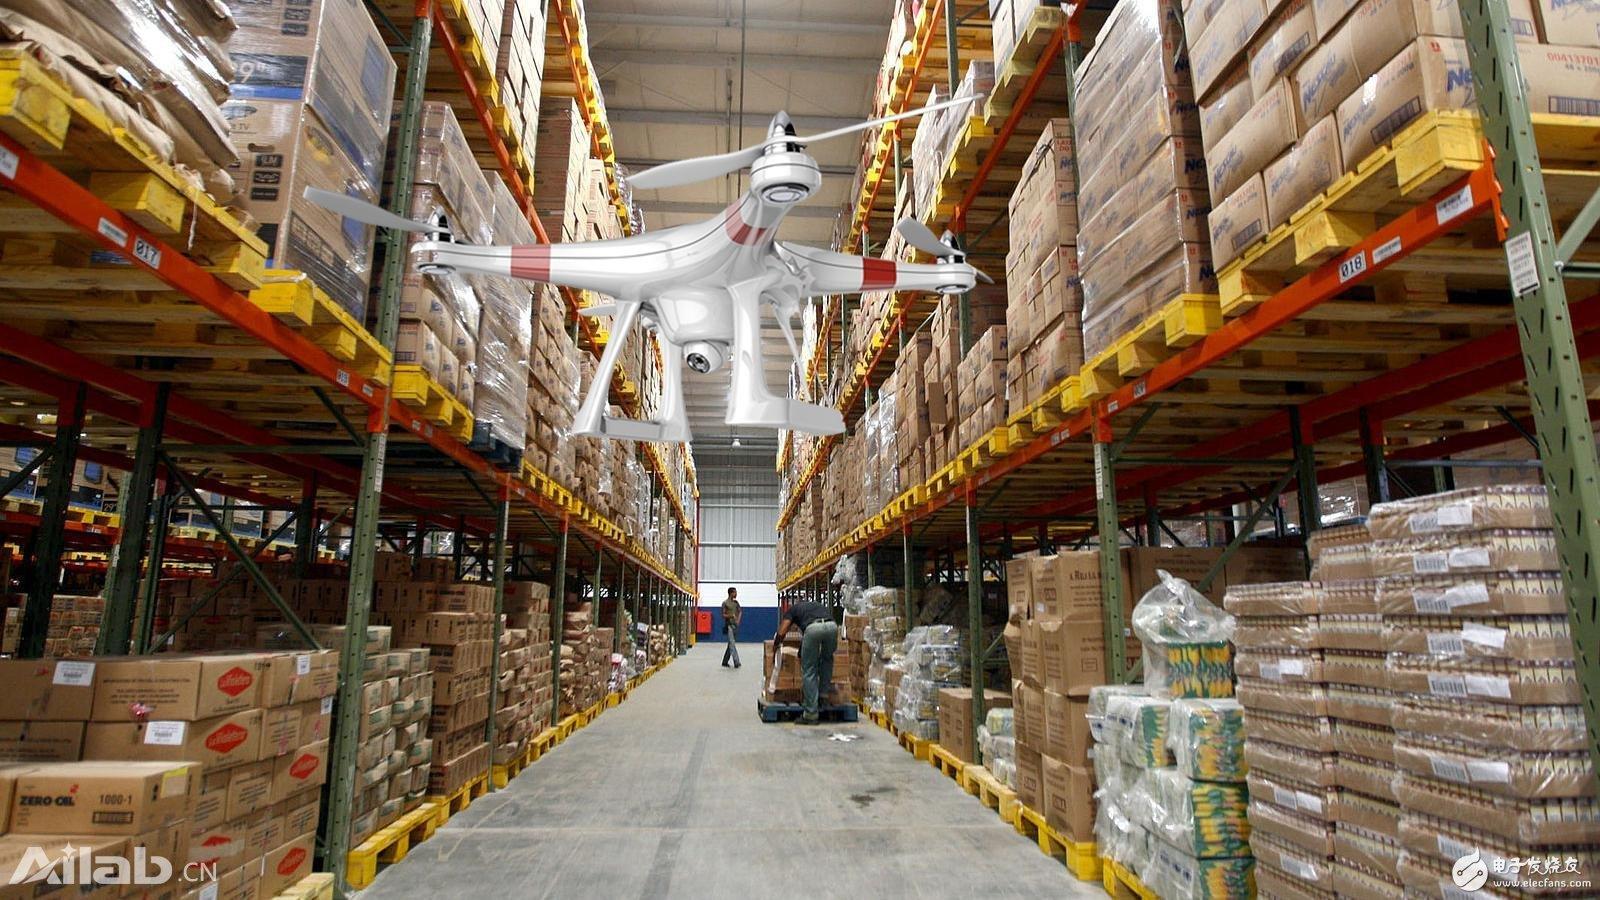 无人机送货成潮流,先无人机结合RFID技术完成仓库盘点